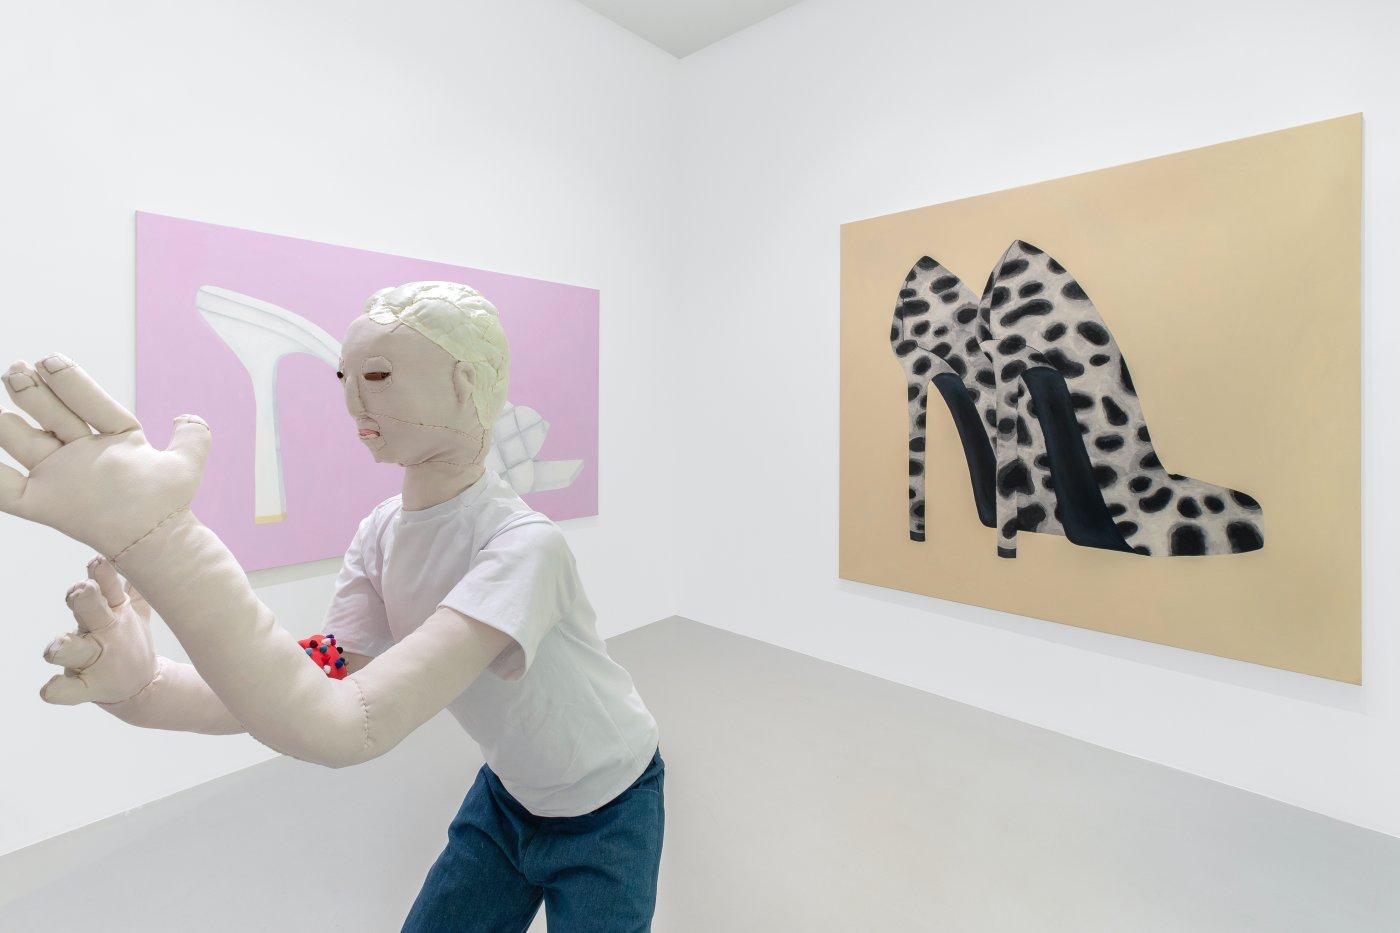 Galerie Max Hetzler Paris Raphaela Simon 3